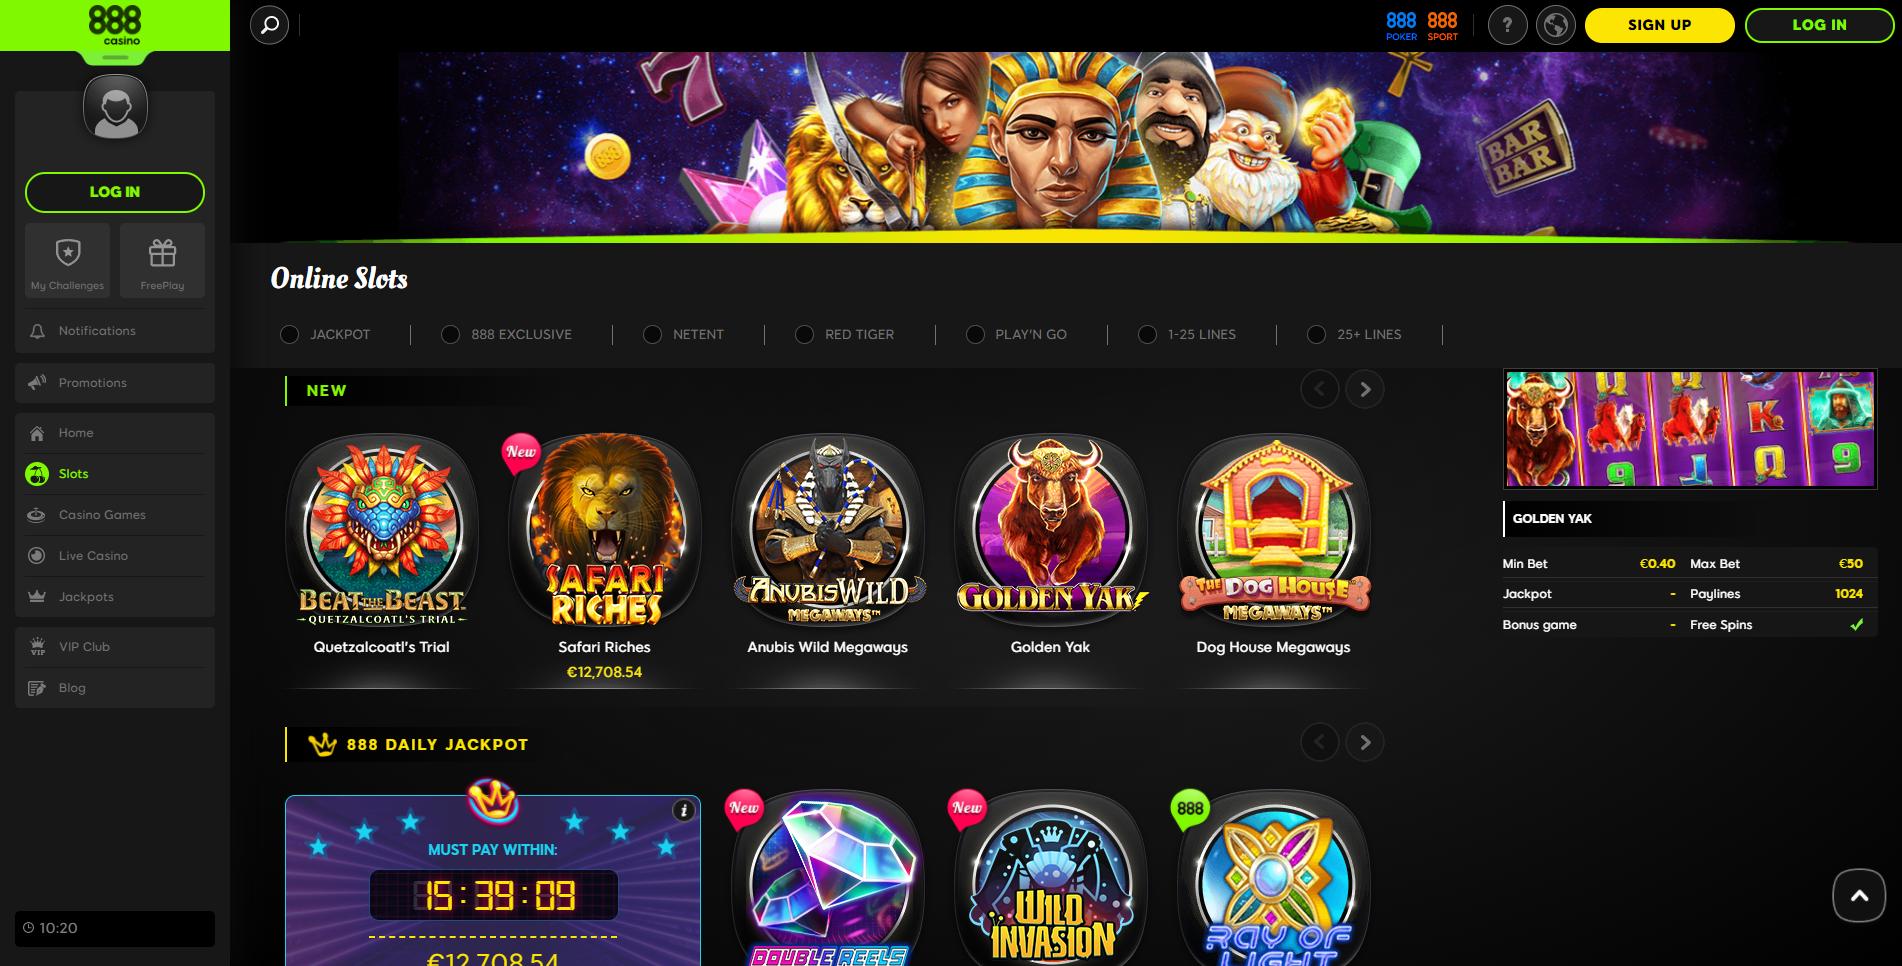 Casino 888 Mode Demo